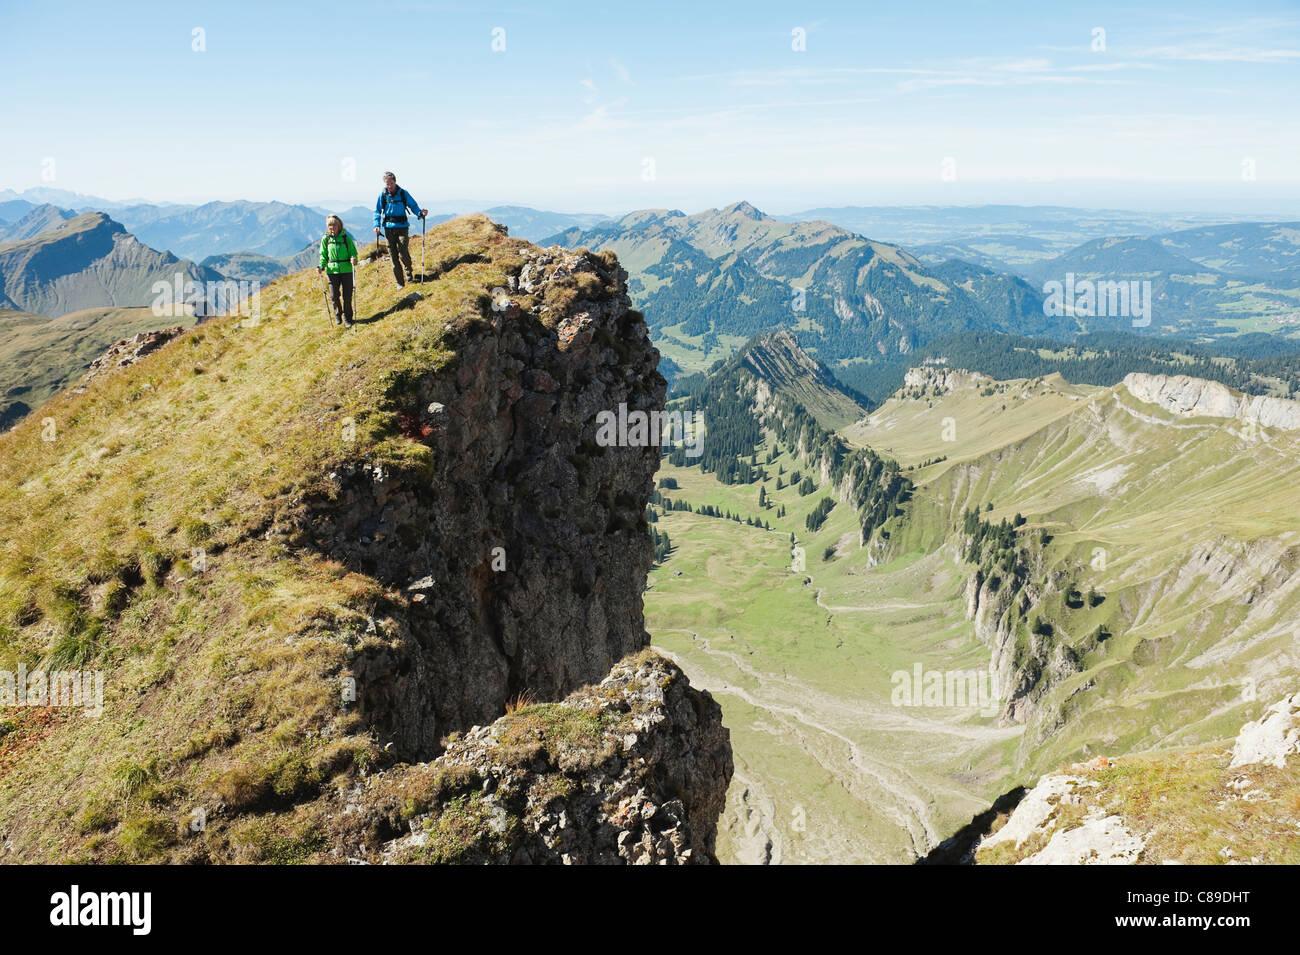 Austria, Kleinwalsertal, Man and woman hiking on edge of cliff - Stock Image